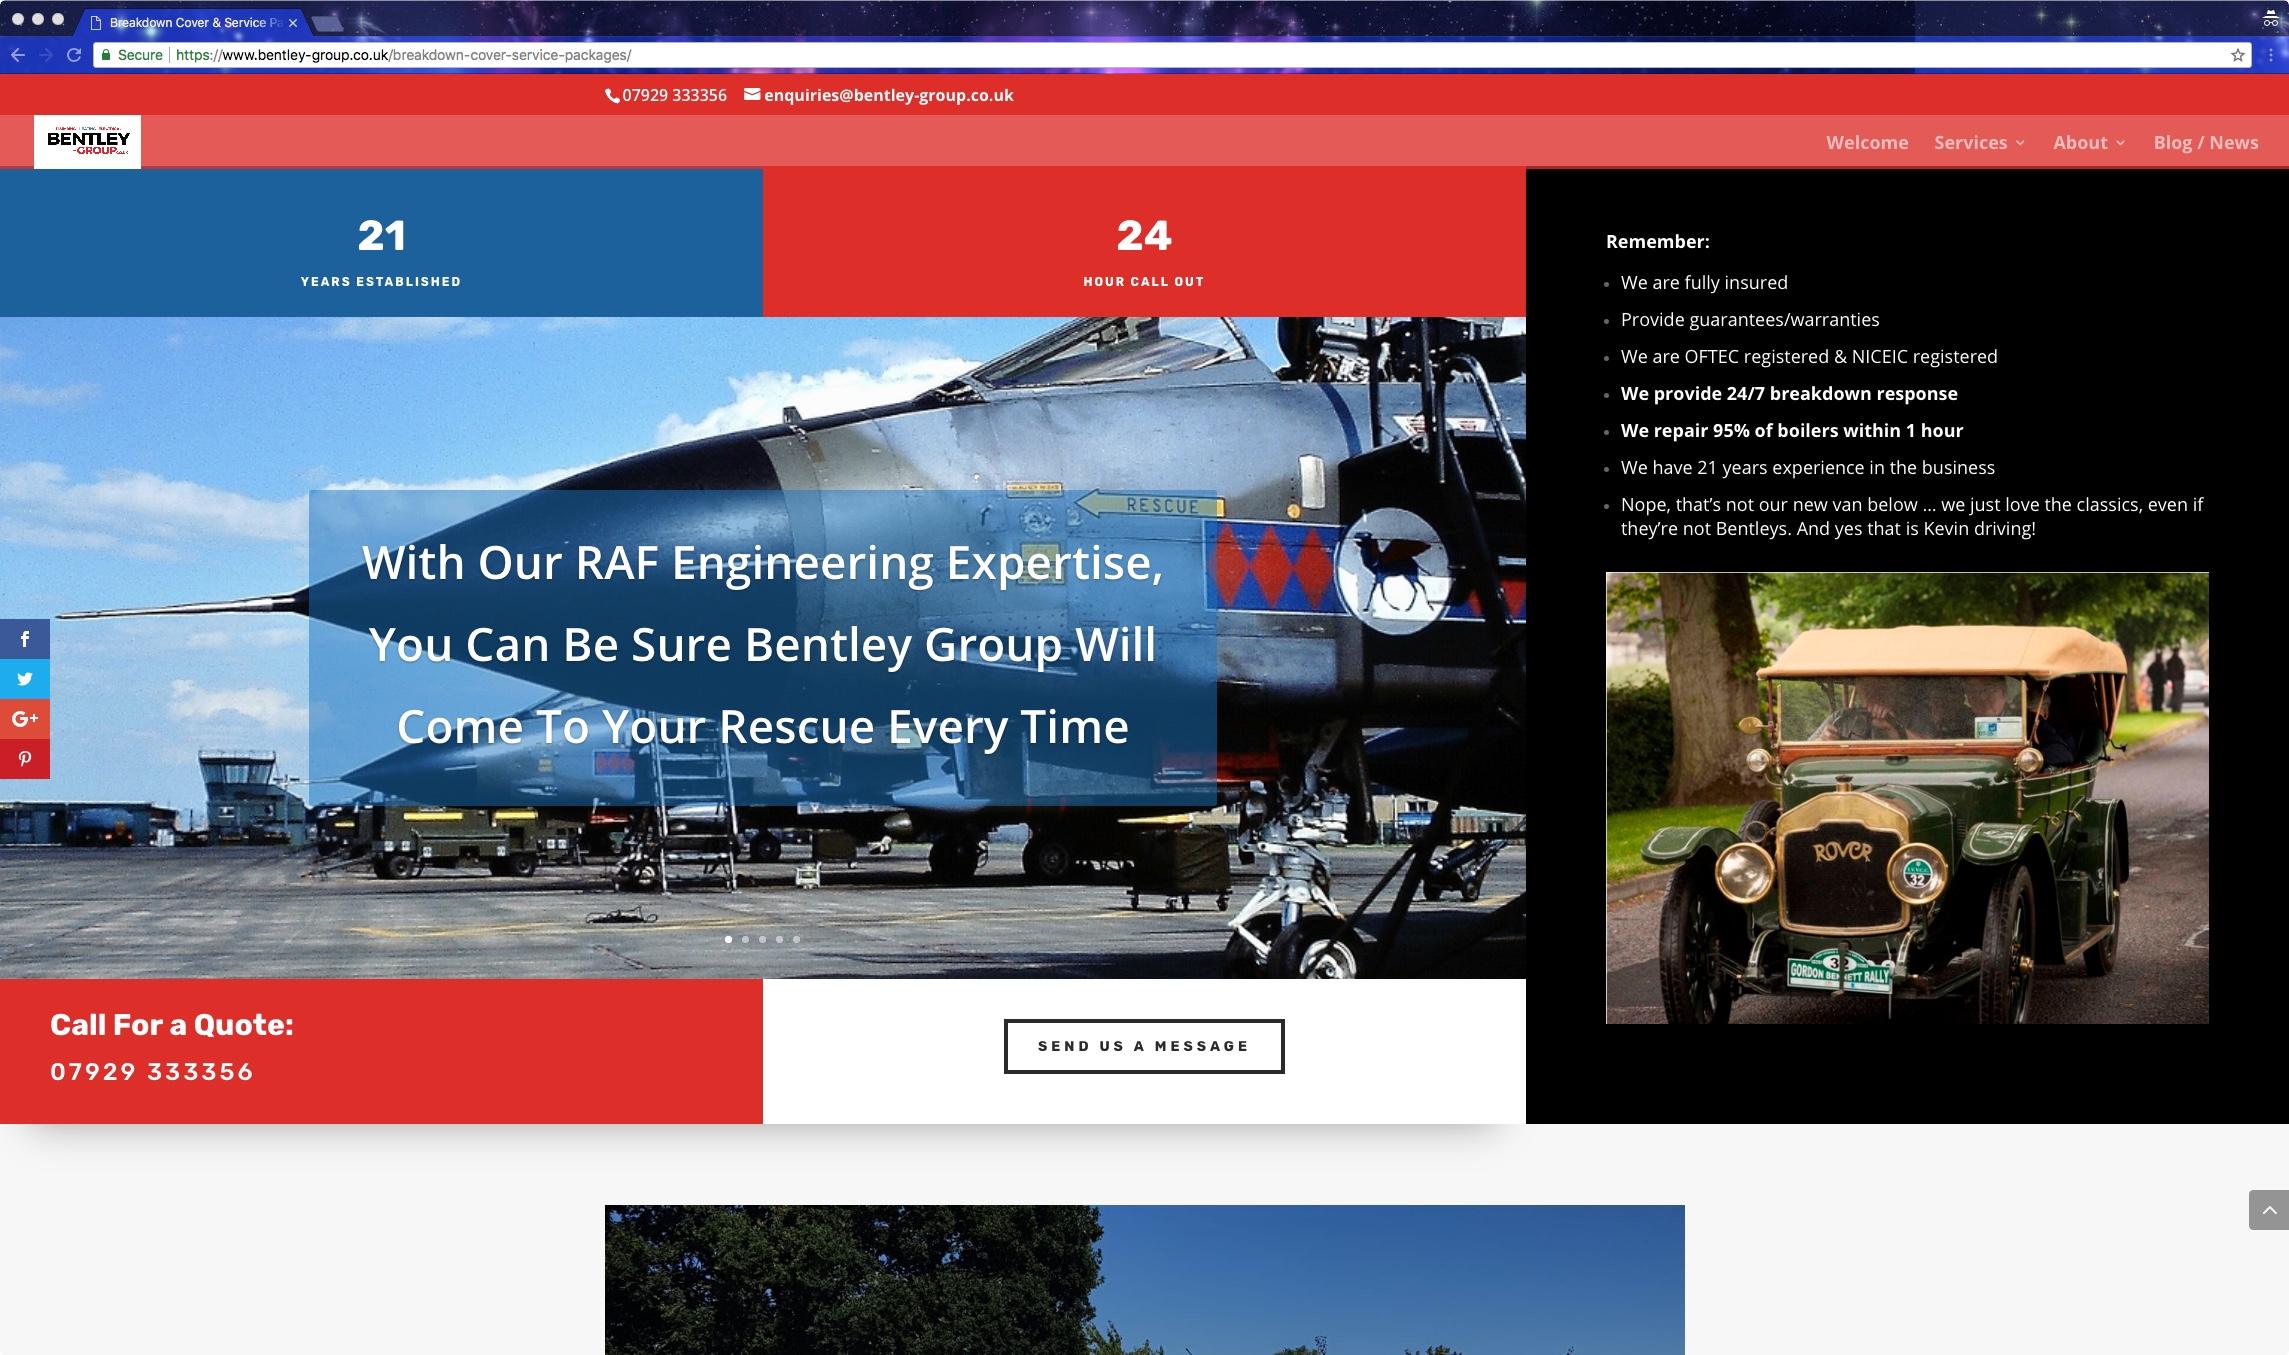 bentley servic package 2